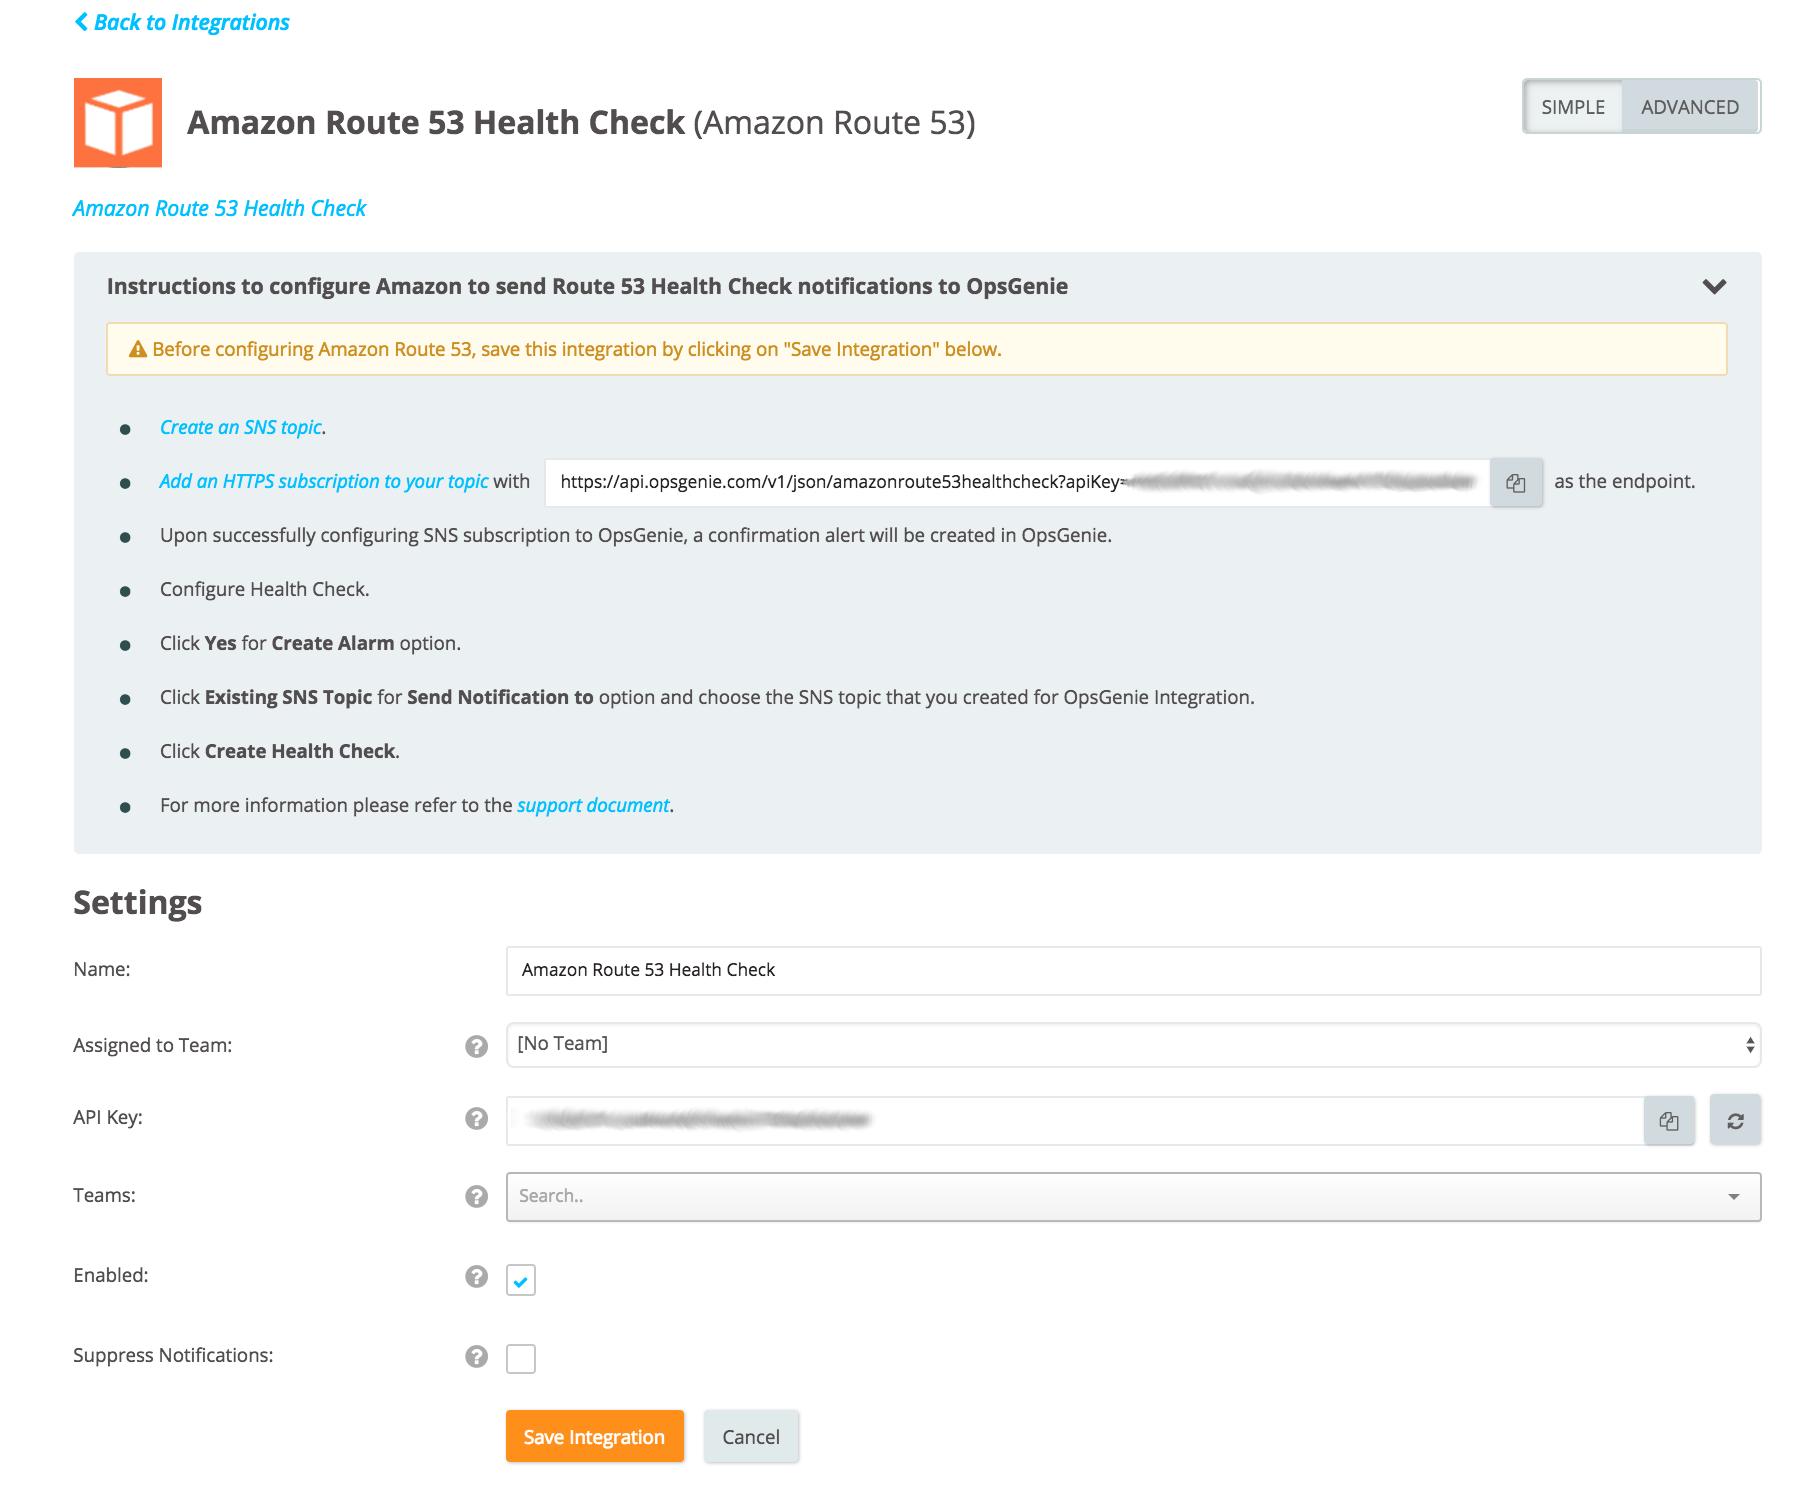 Amazon Route 53 Health Check Integration